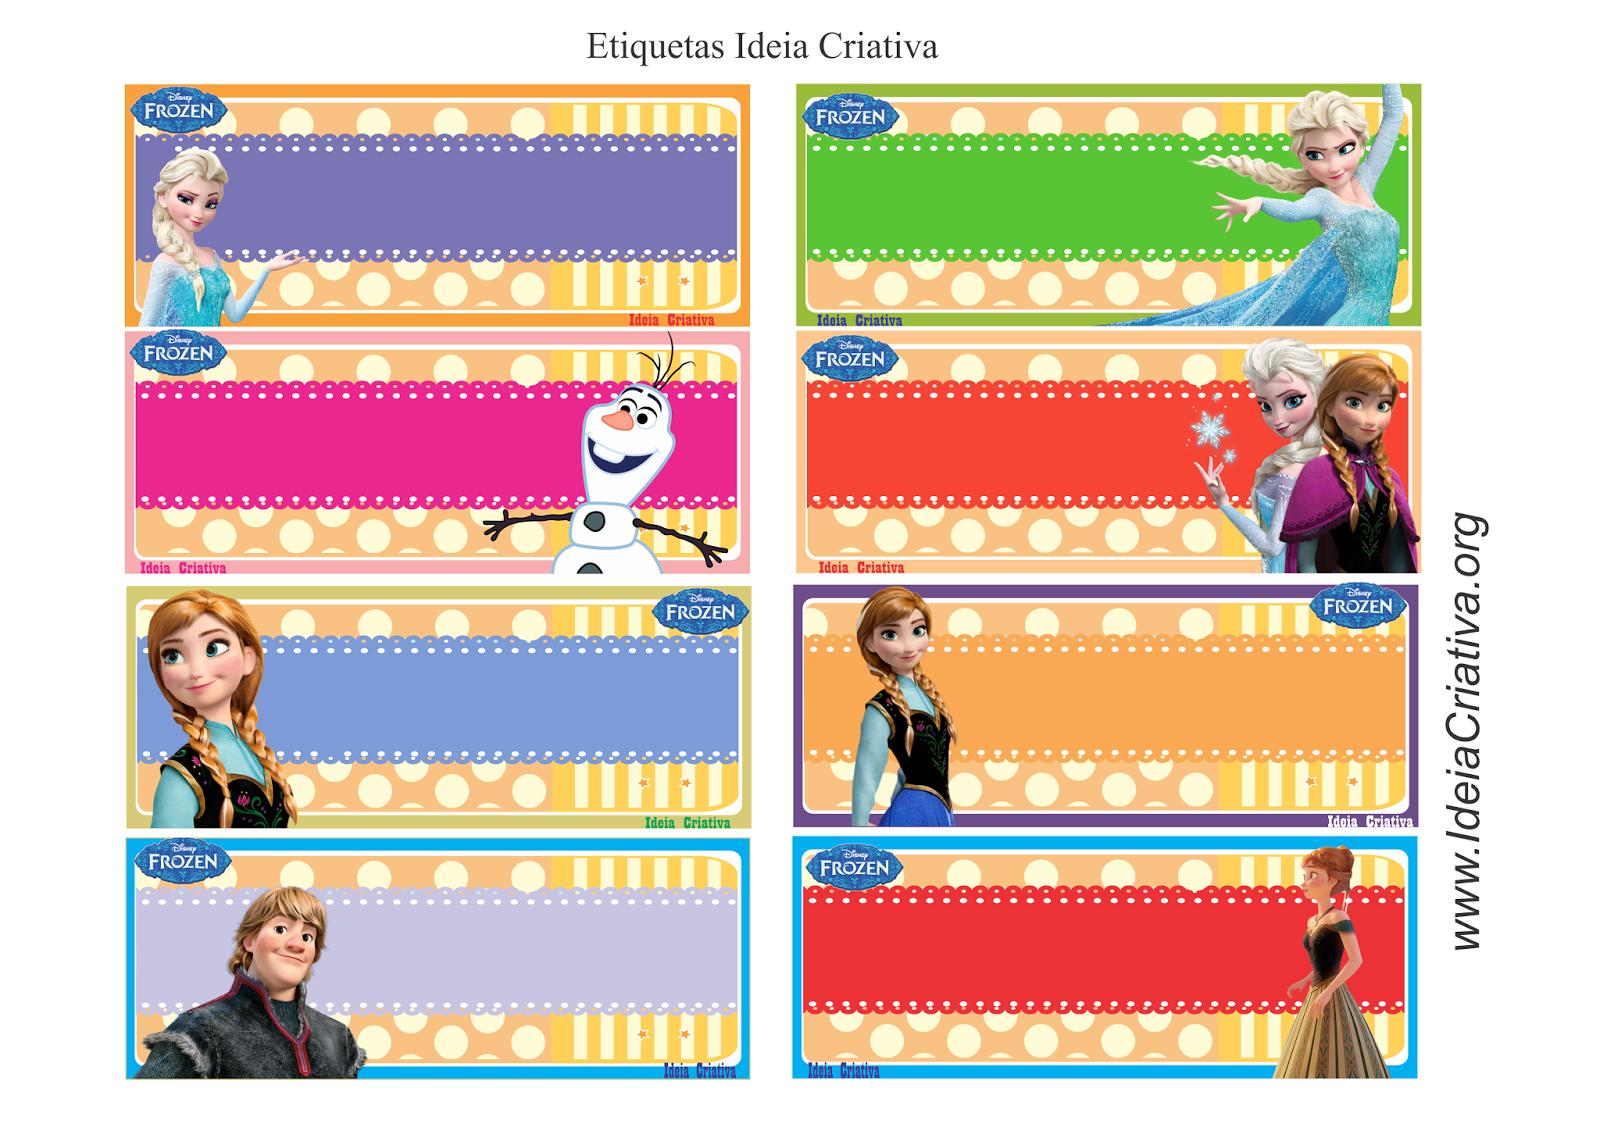 Etiquetas Frozen para colar no material escolar com nome da criança.